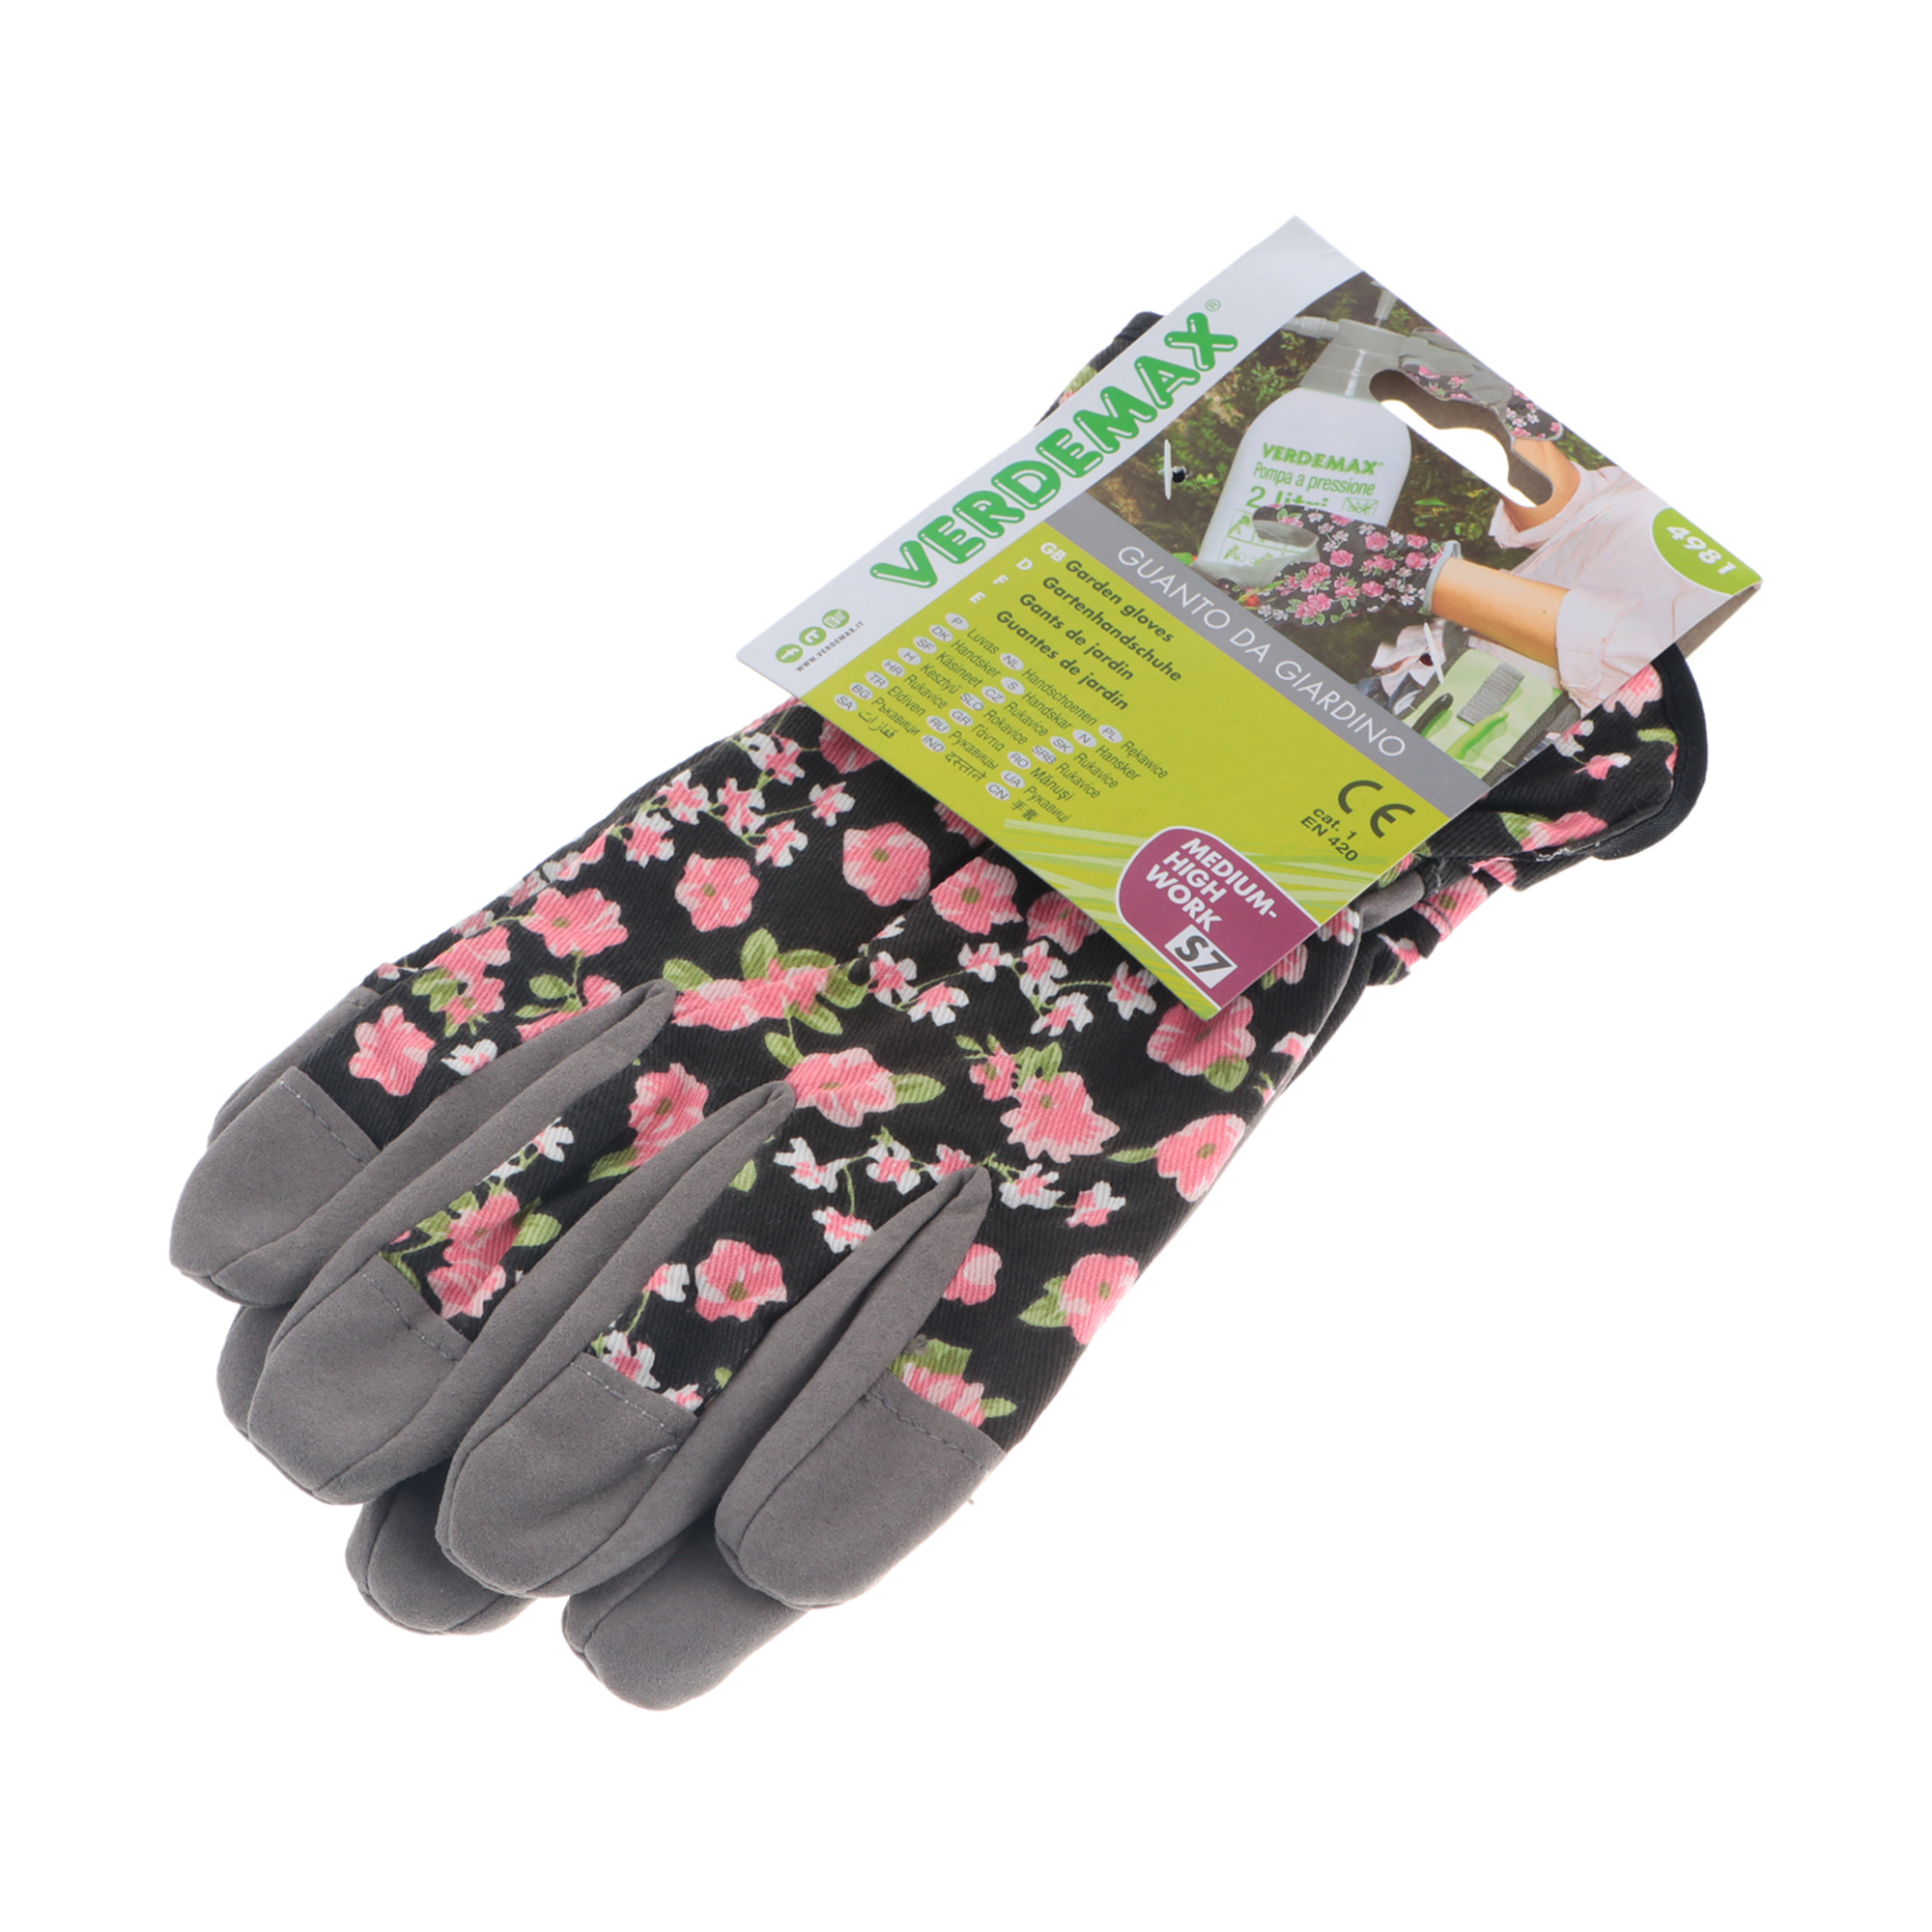 Фото - Перчатки садовые Verdemax женские цветочные s перчатки садовые verdemax серо зеленые m